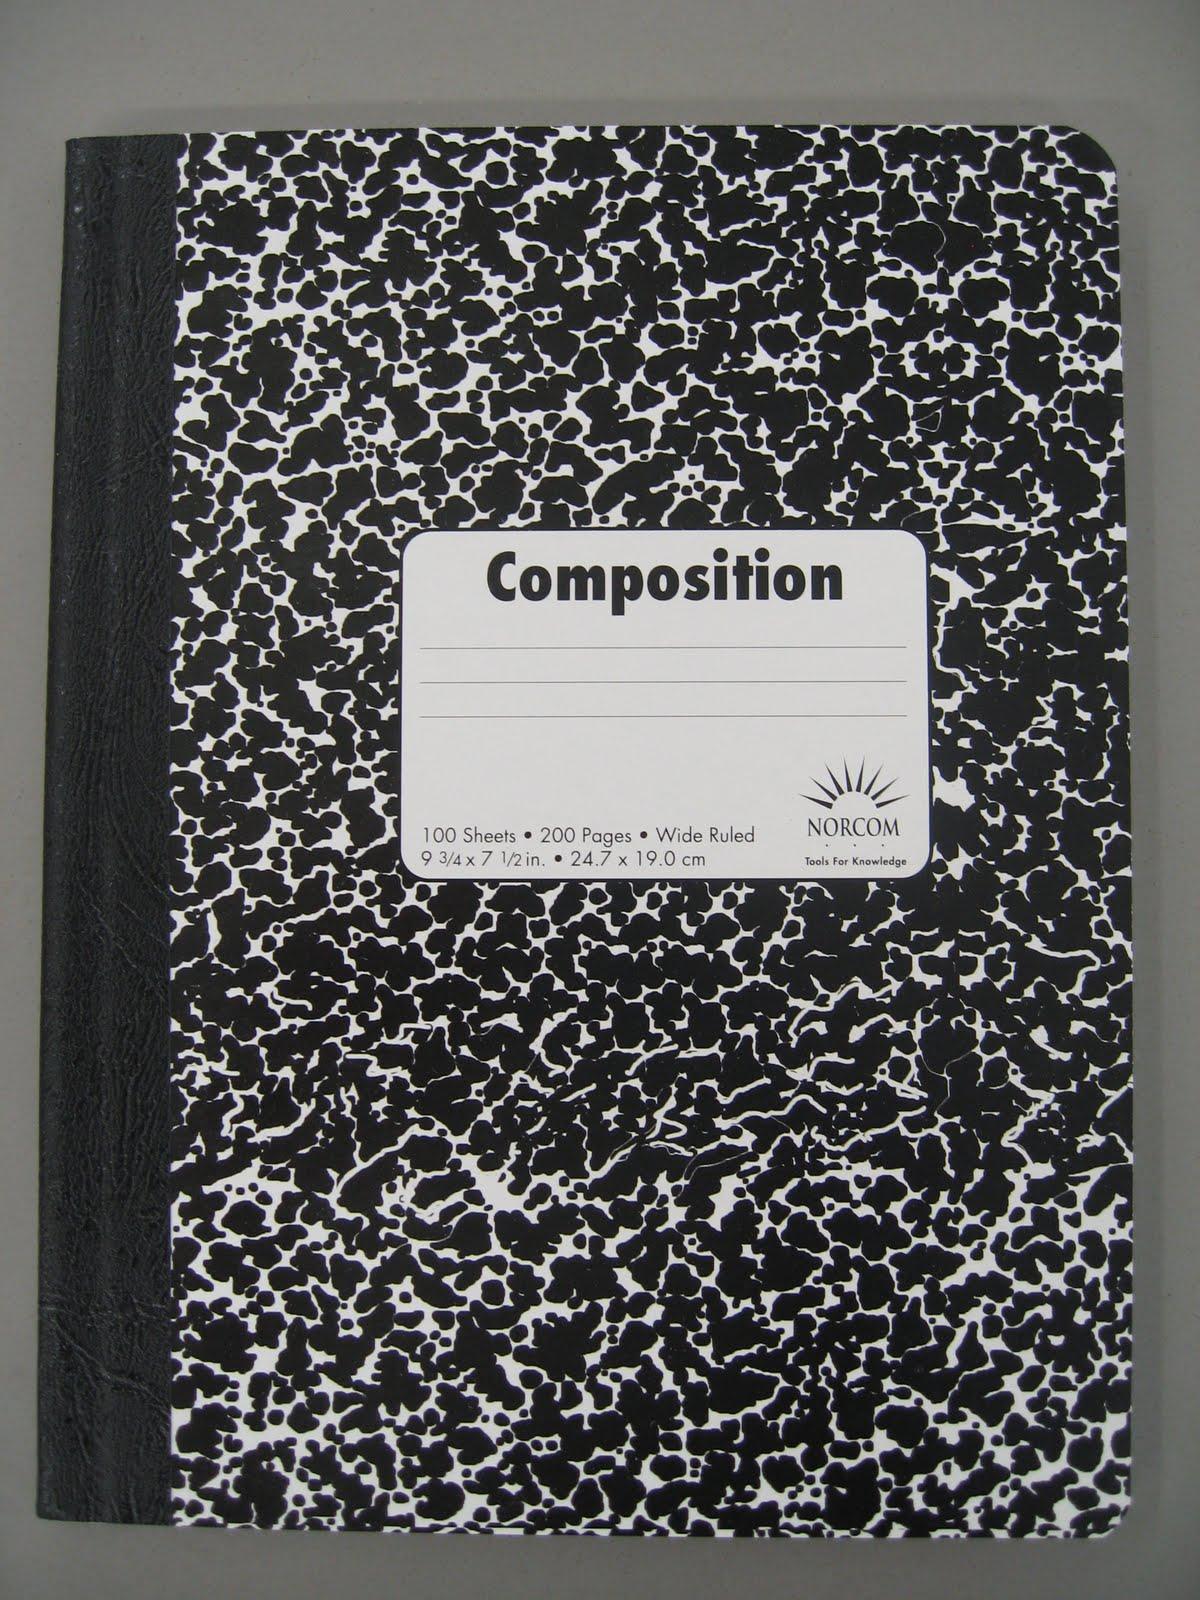 http://2.bp.blogspot.com/_dFIFqWxDCAs/TFcQYO28VYI/AAAAAAAAABw/IAULb4H383s/s1600/composition%20notebook.jpg